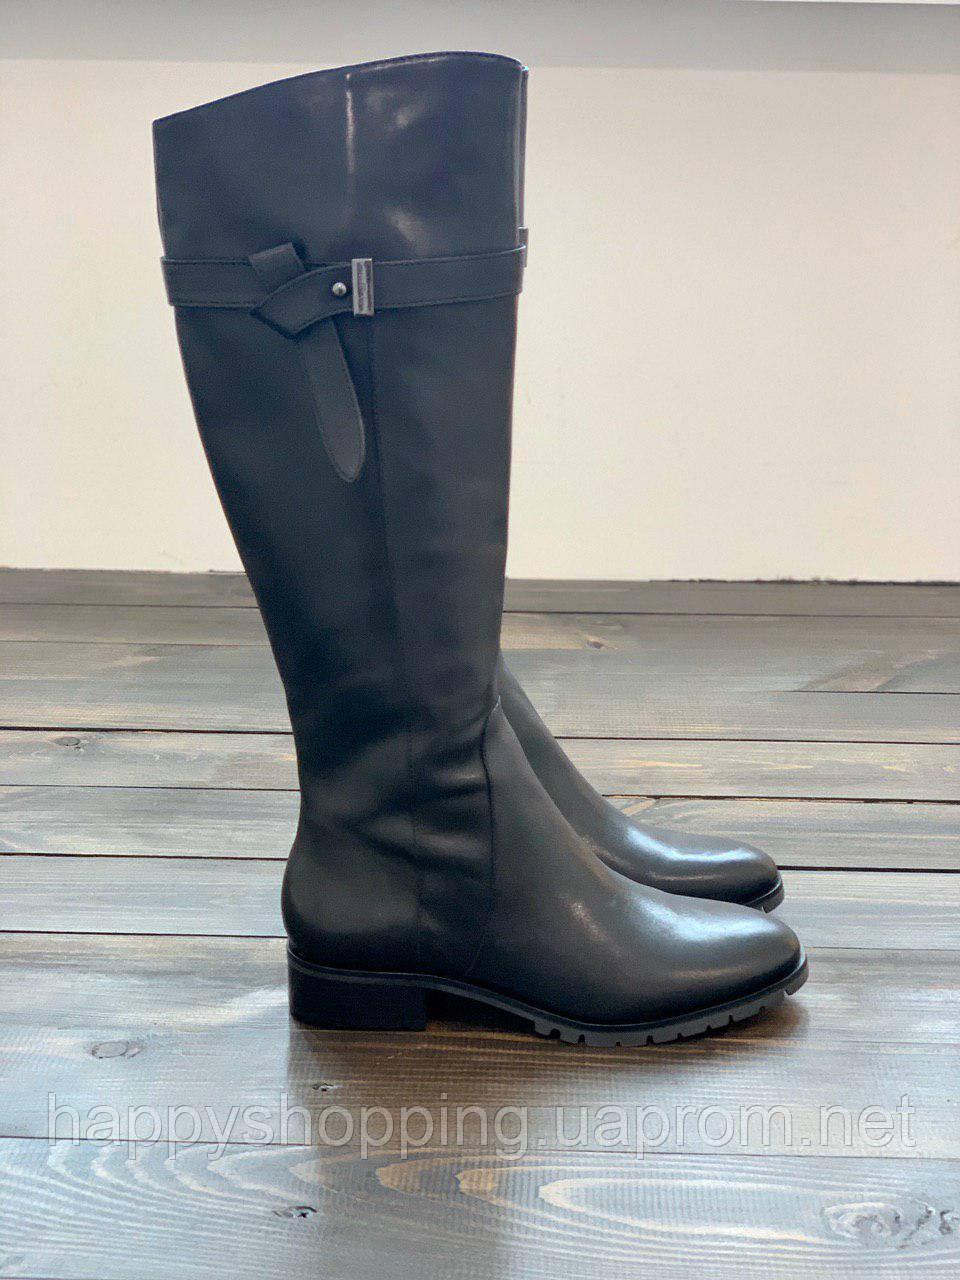 Женские черные осенние кожаные сапоги Karl Lagerfeld, фото 1